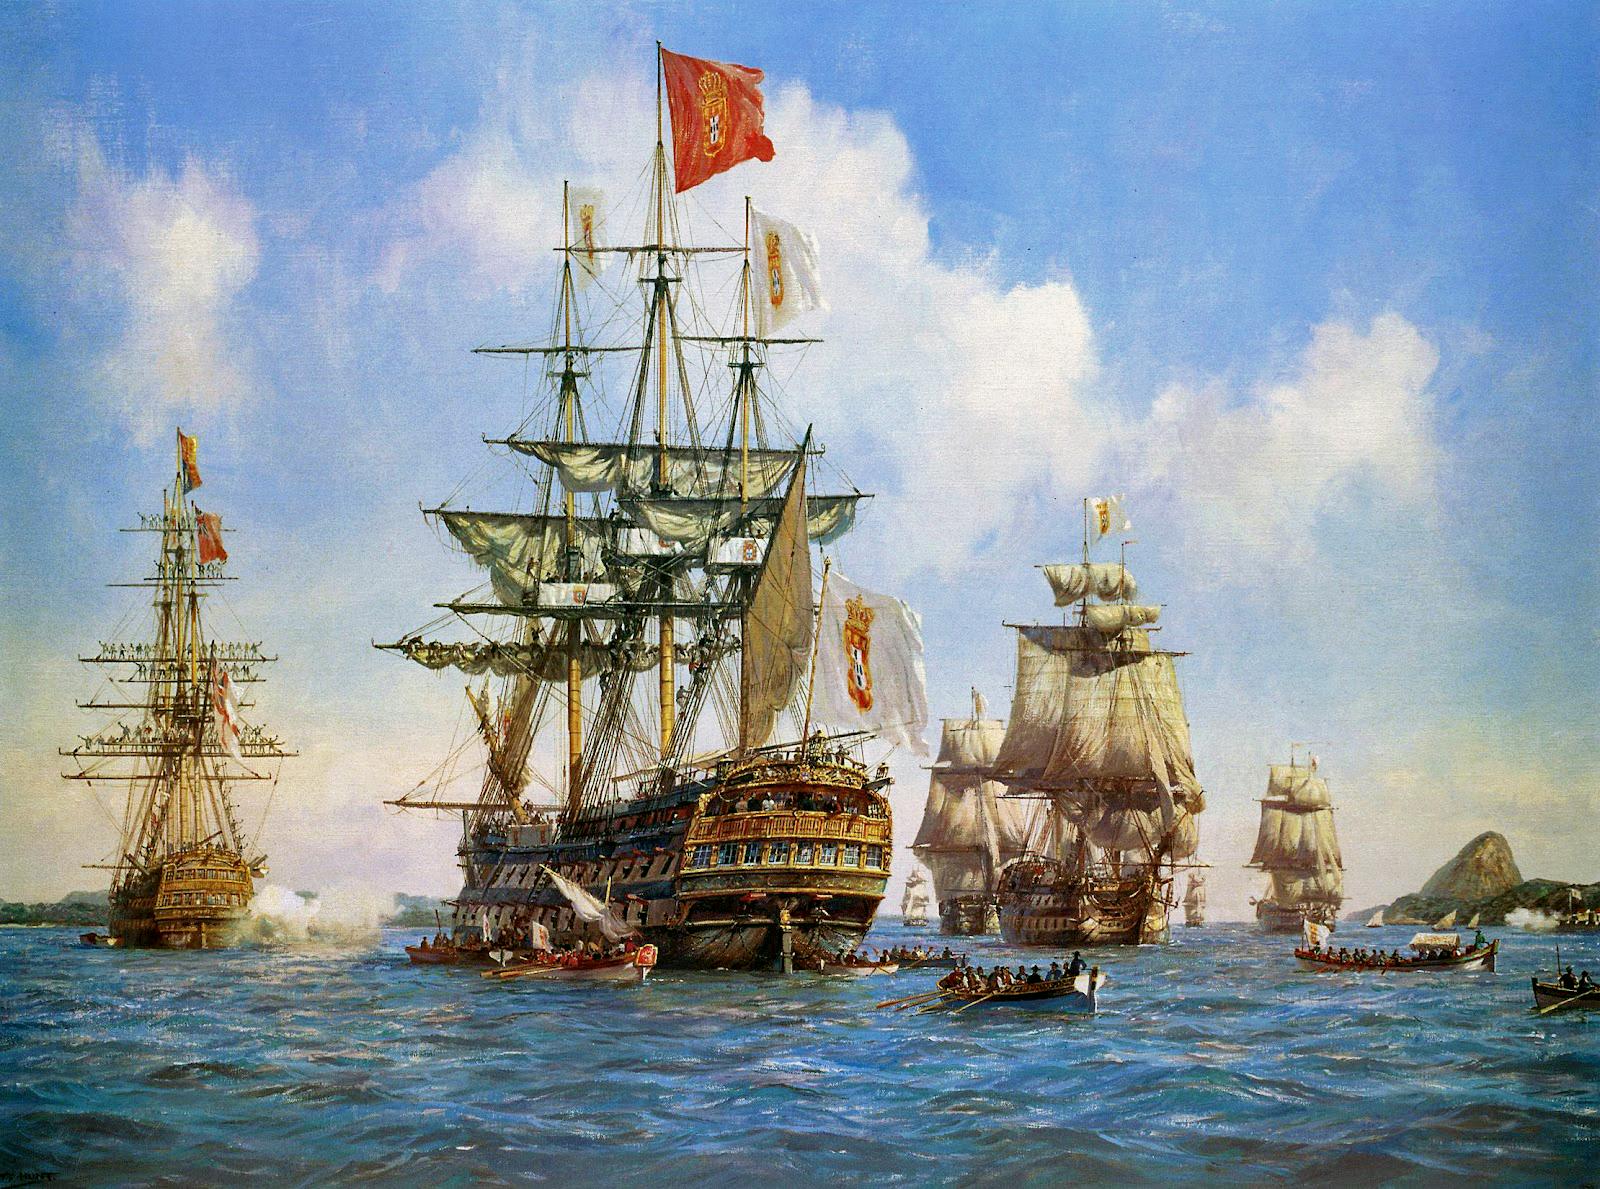 Arrivé de la famille royale portugaise à Rio de Janeiro le 7 de Mars de 1808. Peinture(1999) de Geoffrey Hunt.